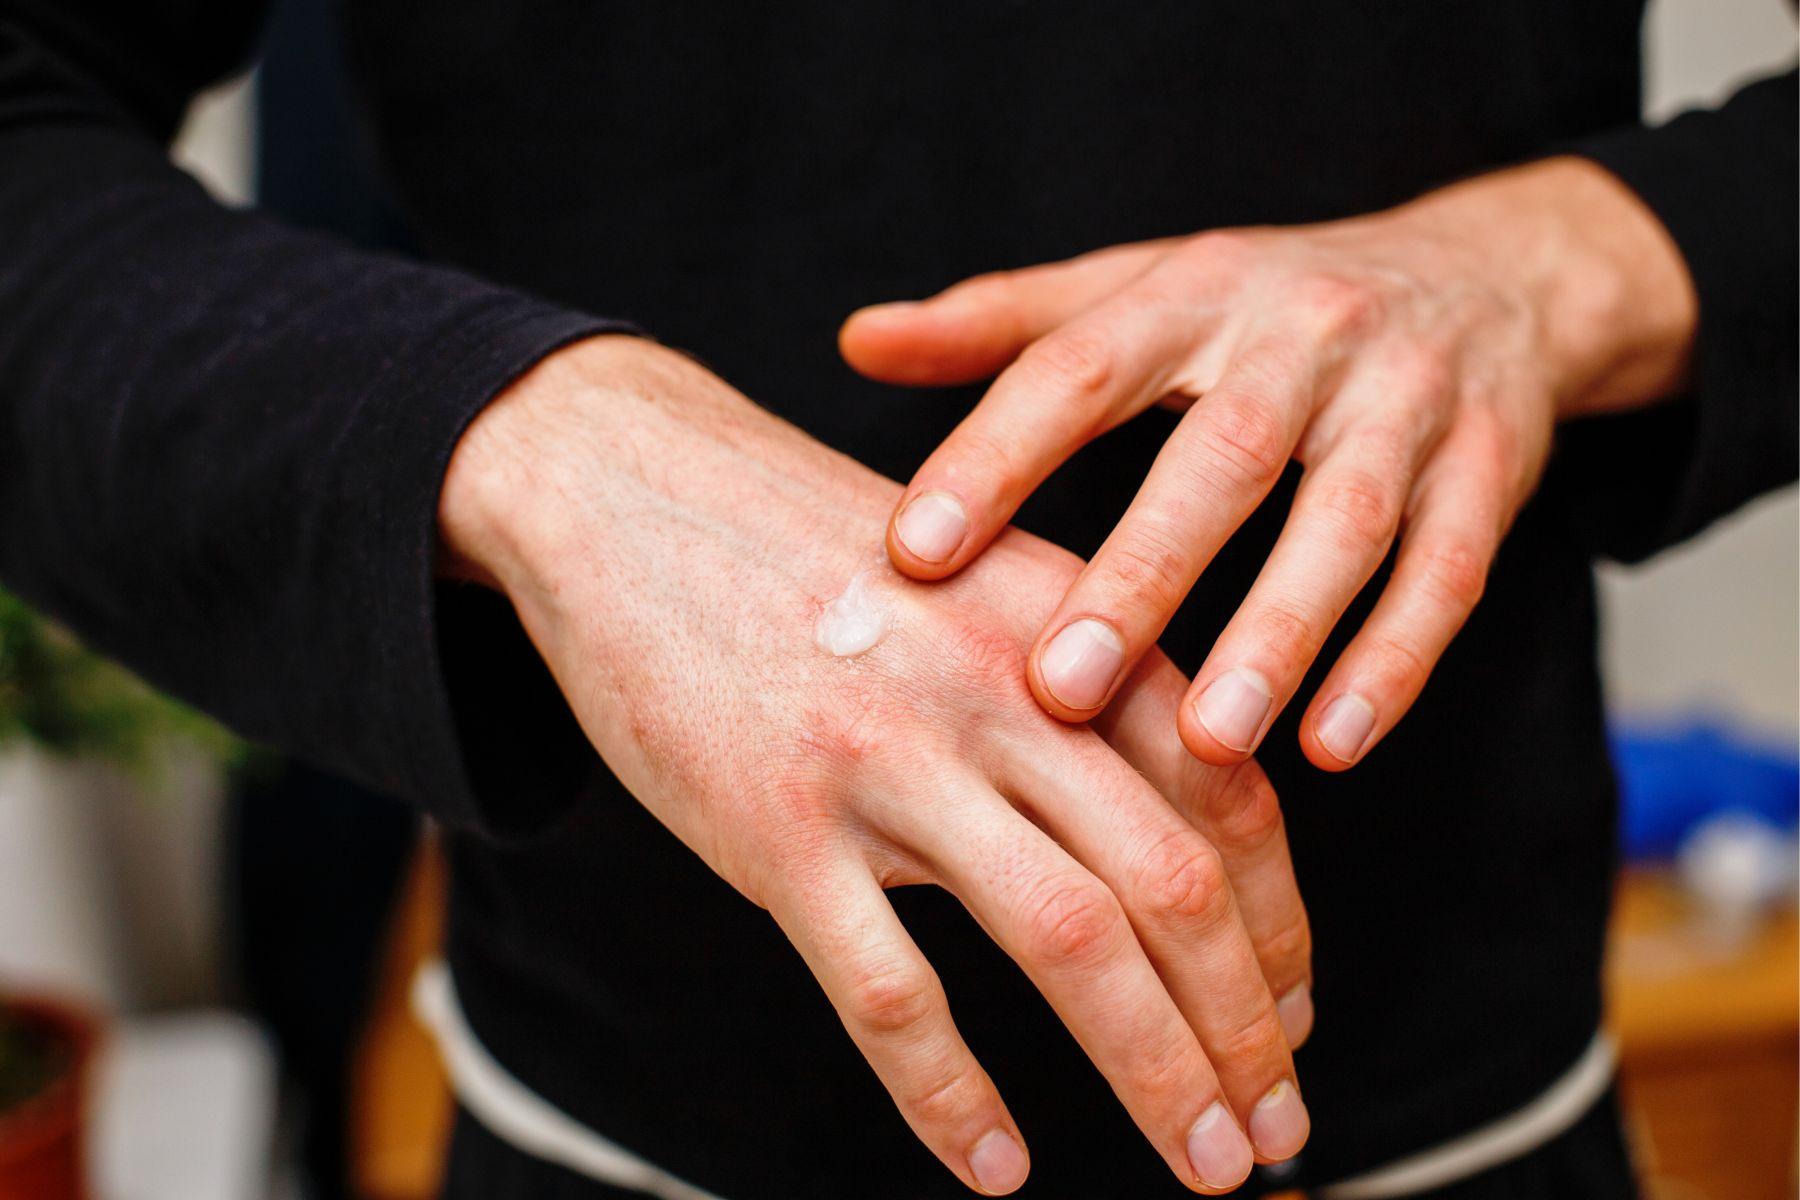 濕疹是因缺乏維生素D?藥師證實:除了擦藥還能吃6食物消除皮膚癢! - 今周刊